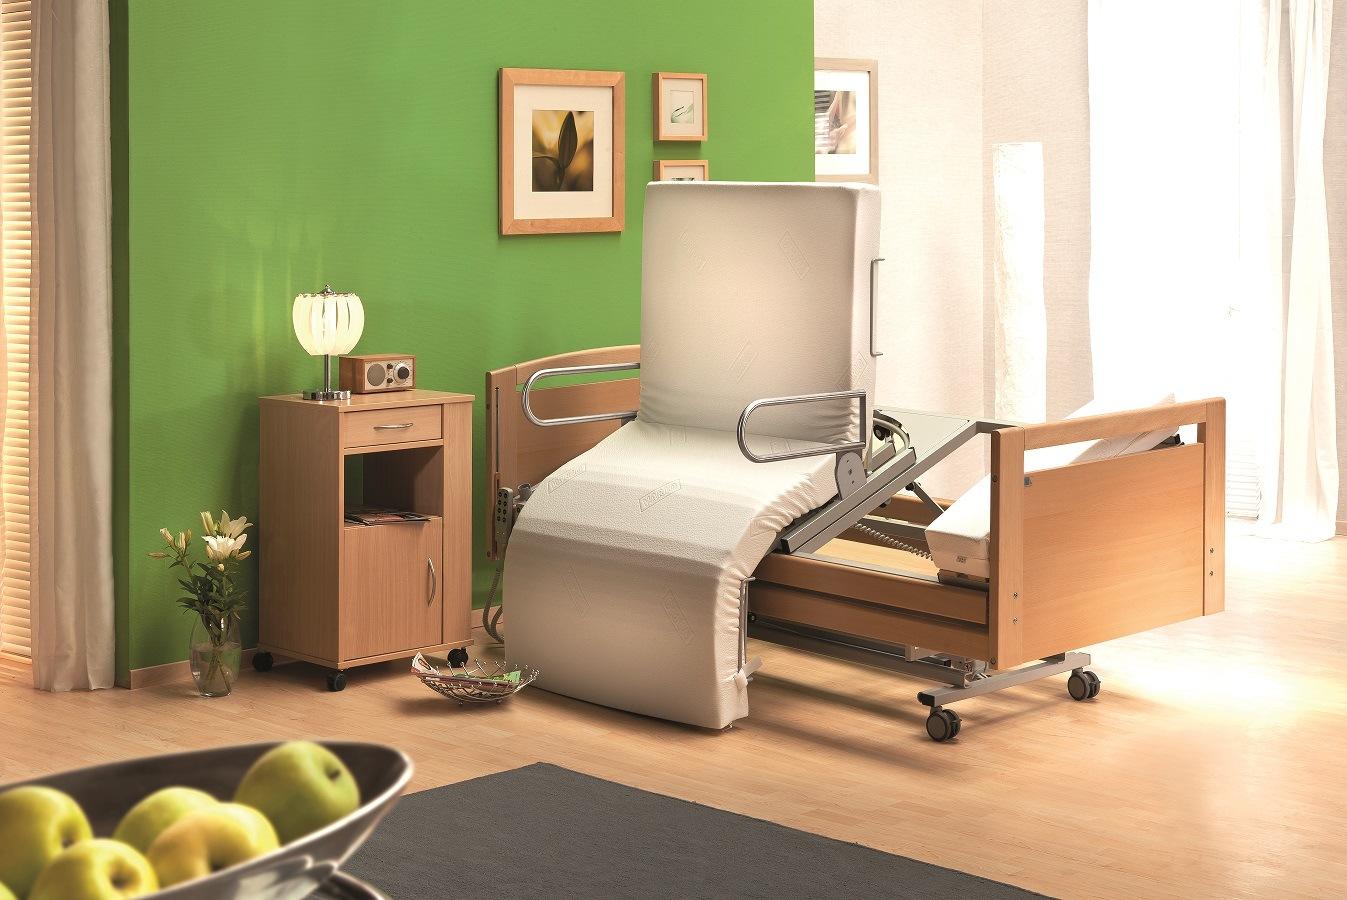 1550854163-care-produkte-pflegebett-sara.jpg